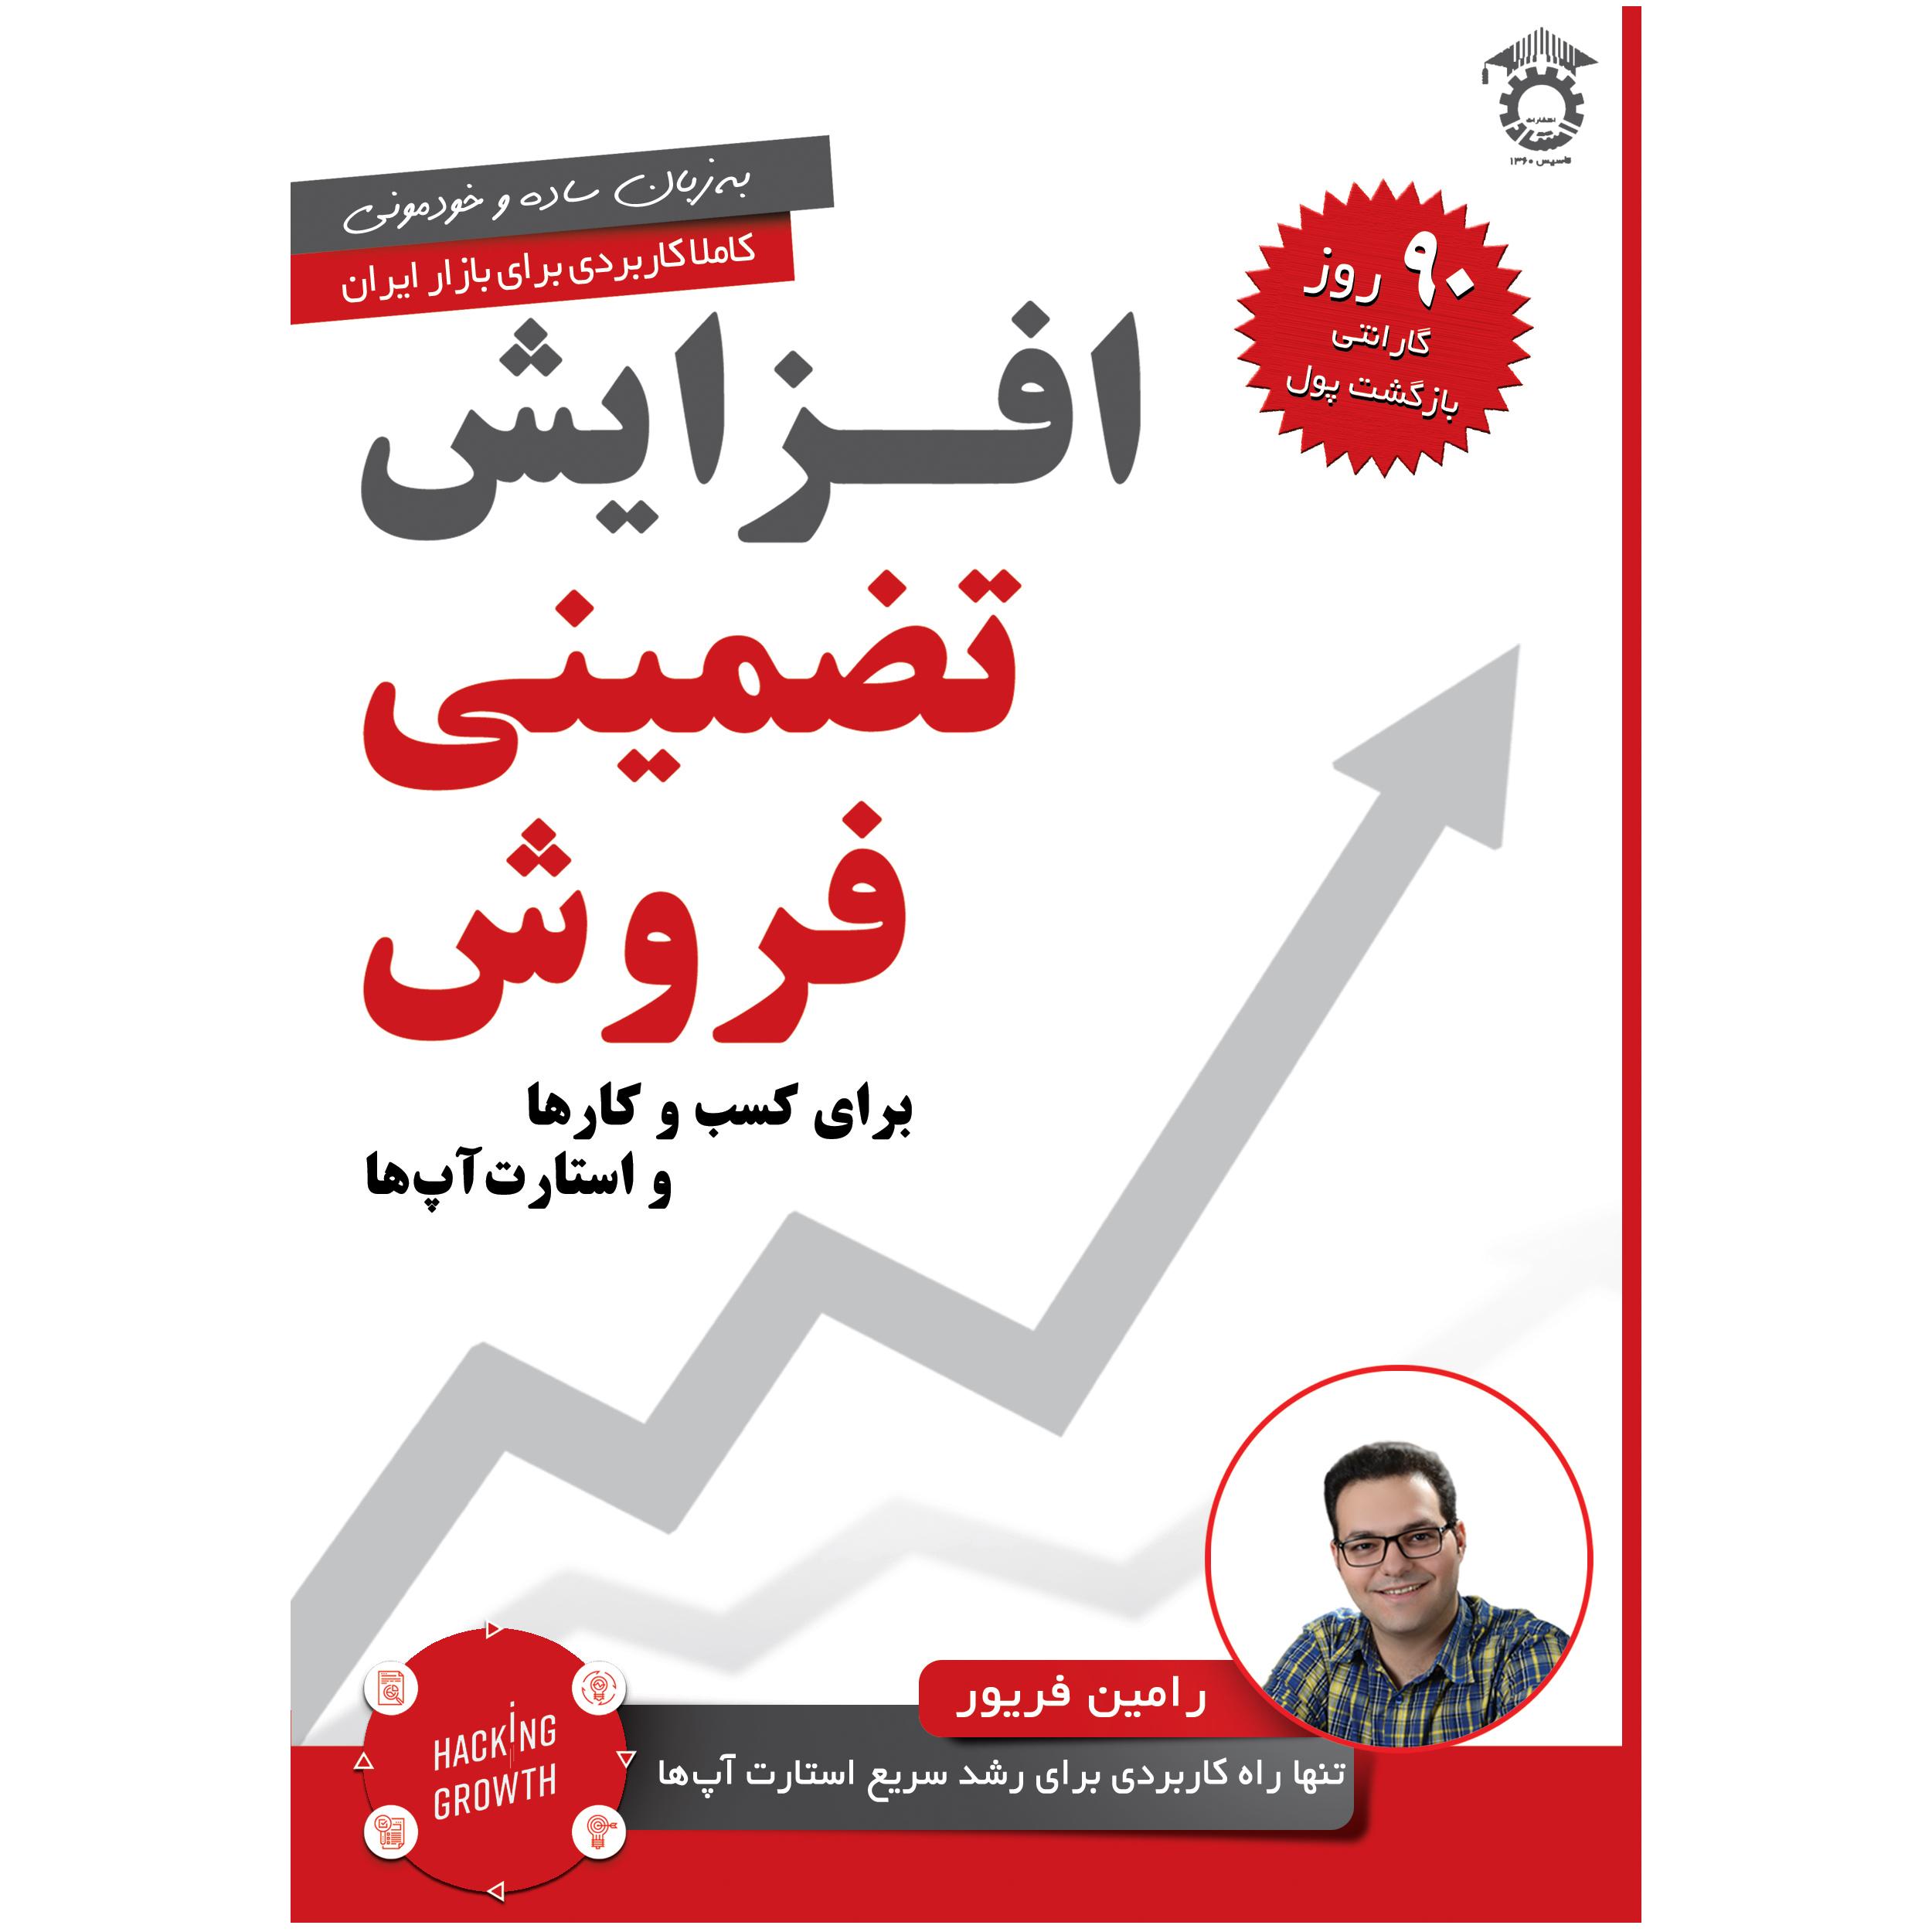 کتاب افزایش تضمینی فروش اثر رامین فریور انتشارات استاد